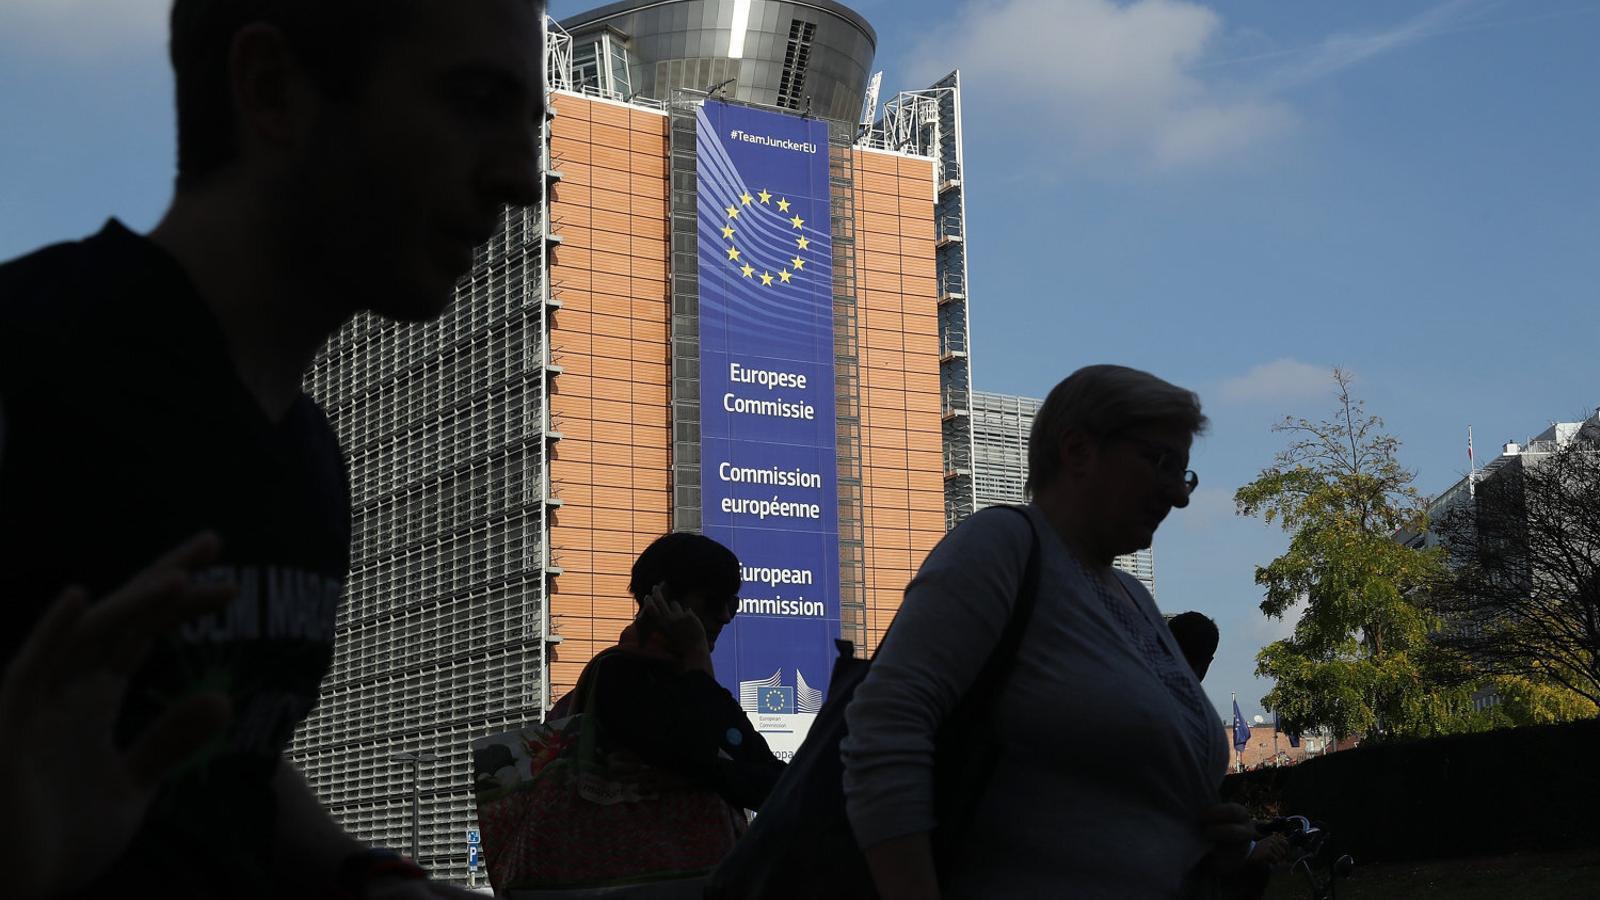 Edifici de la Comissió Europea a Brussel·les.